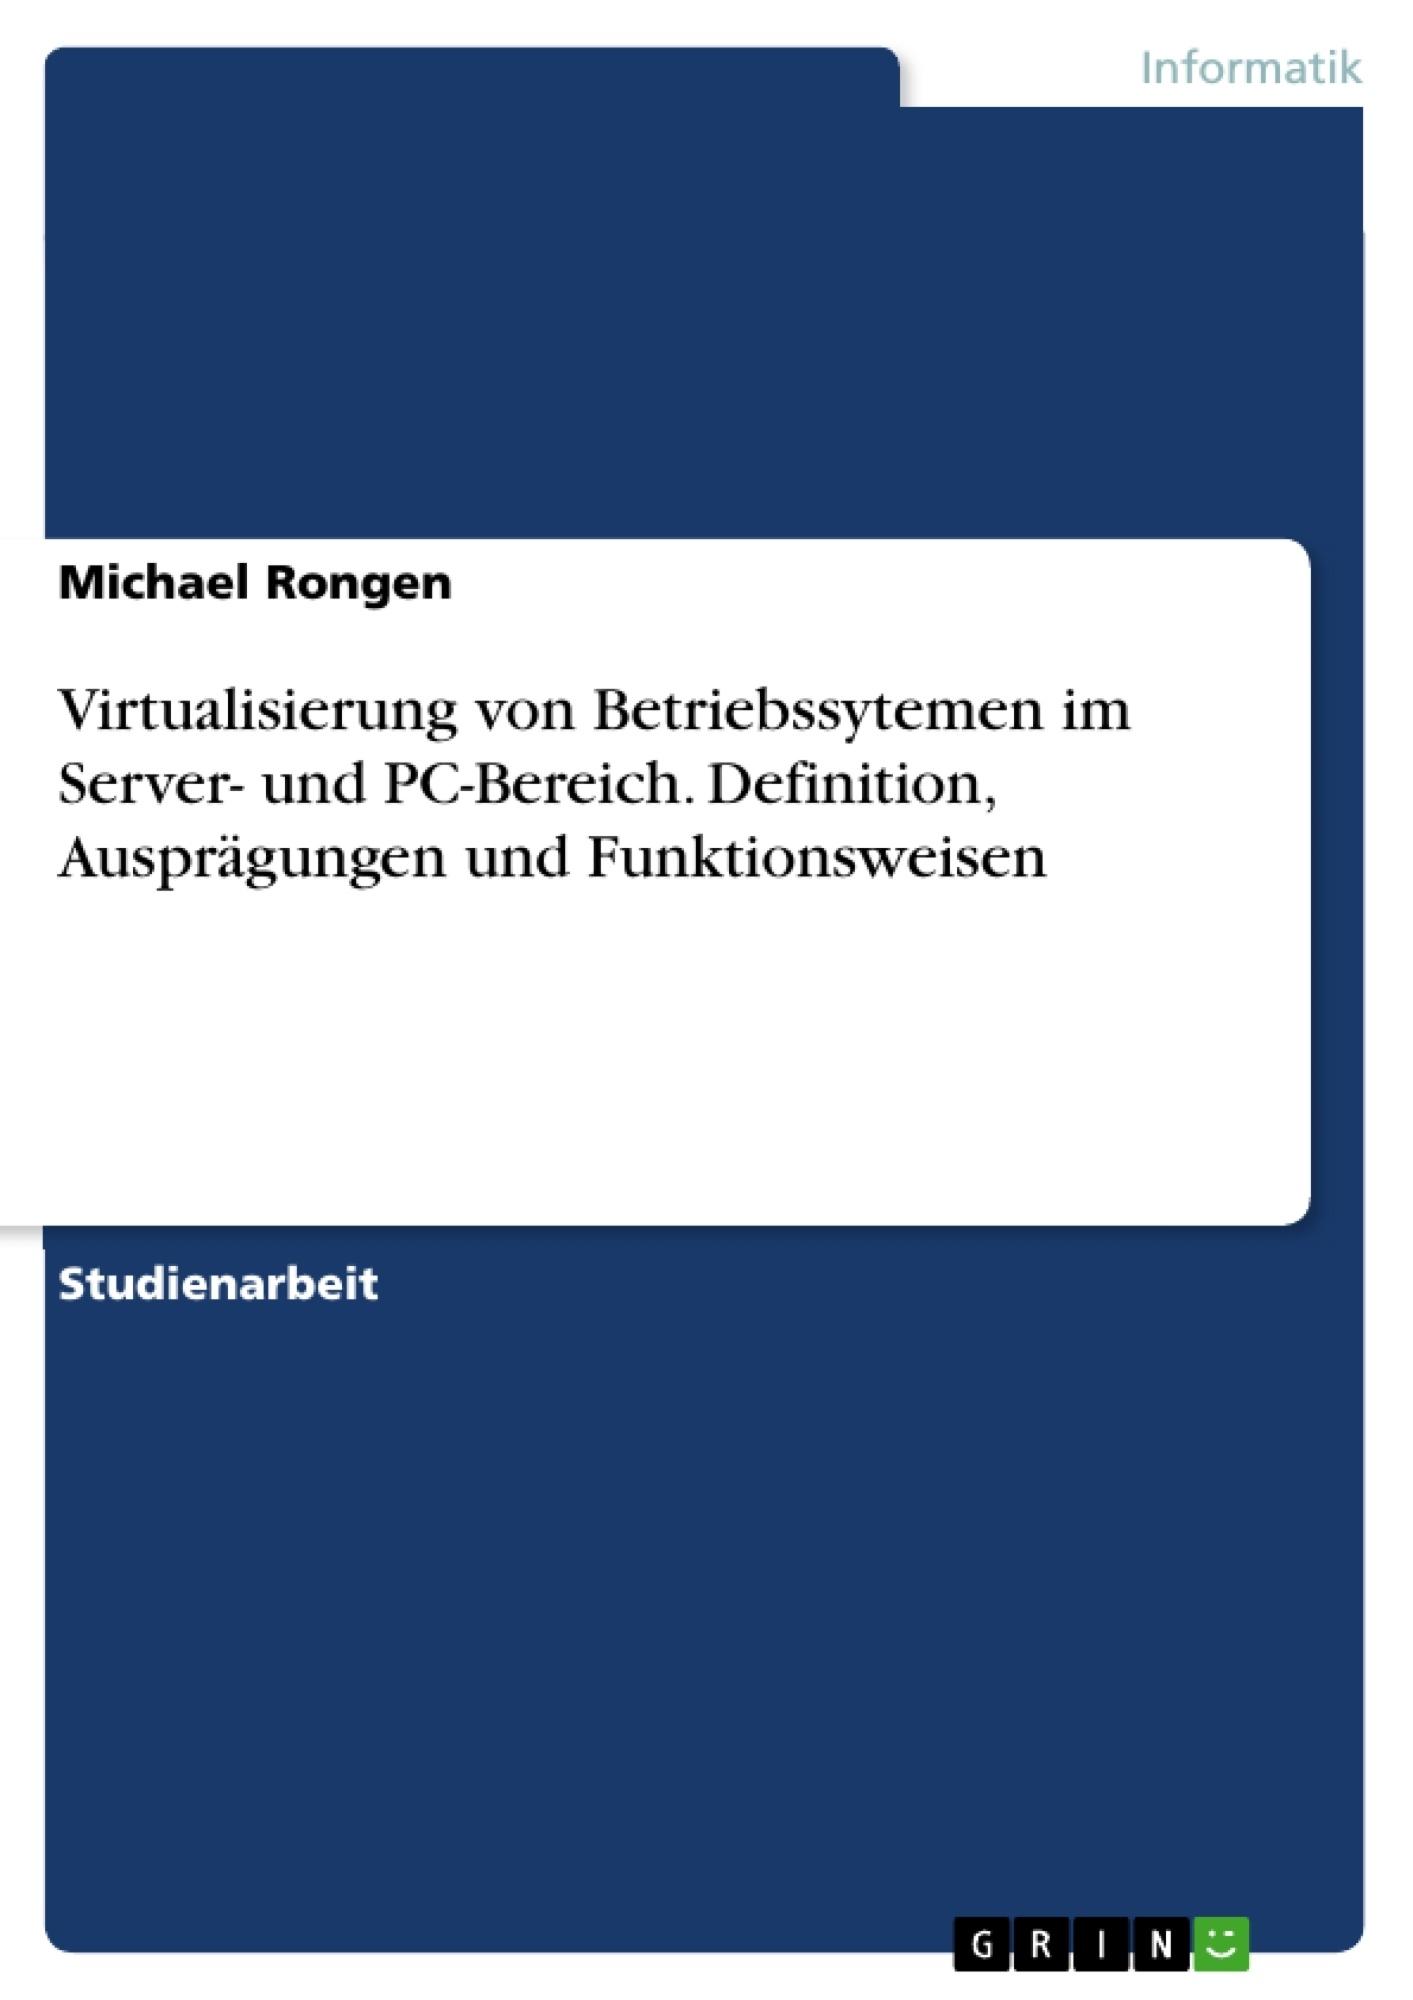 Titel: Virtualisierung von Betriebssytemen im Server- und PC-Bereich. Definition, Ausprägungen und Funktionsweisen